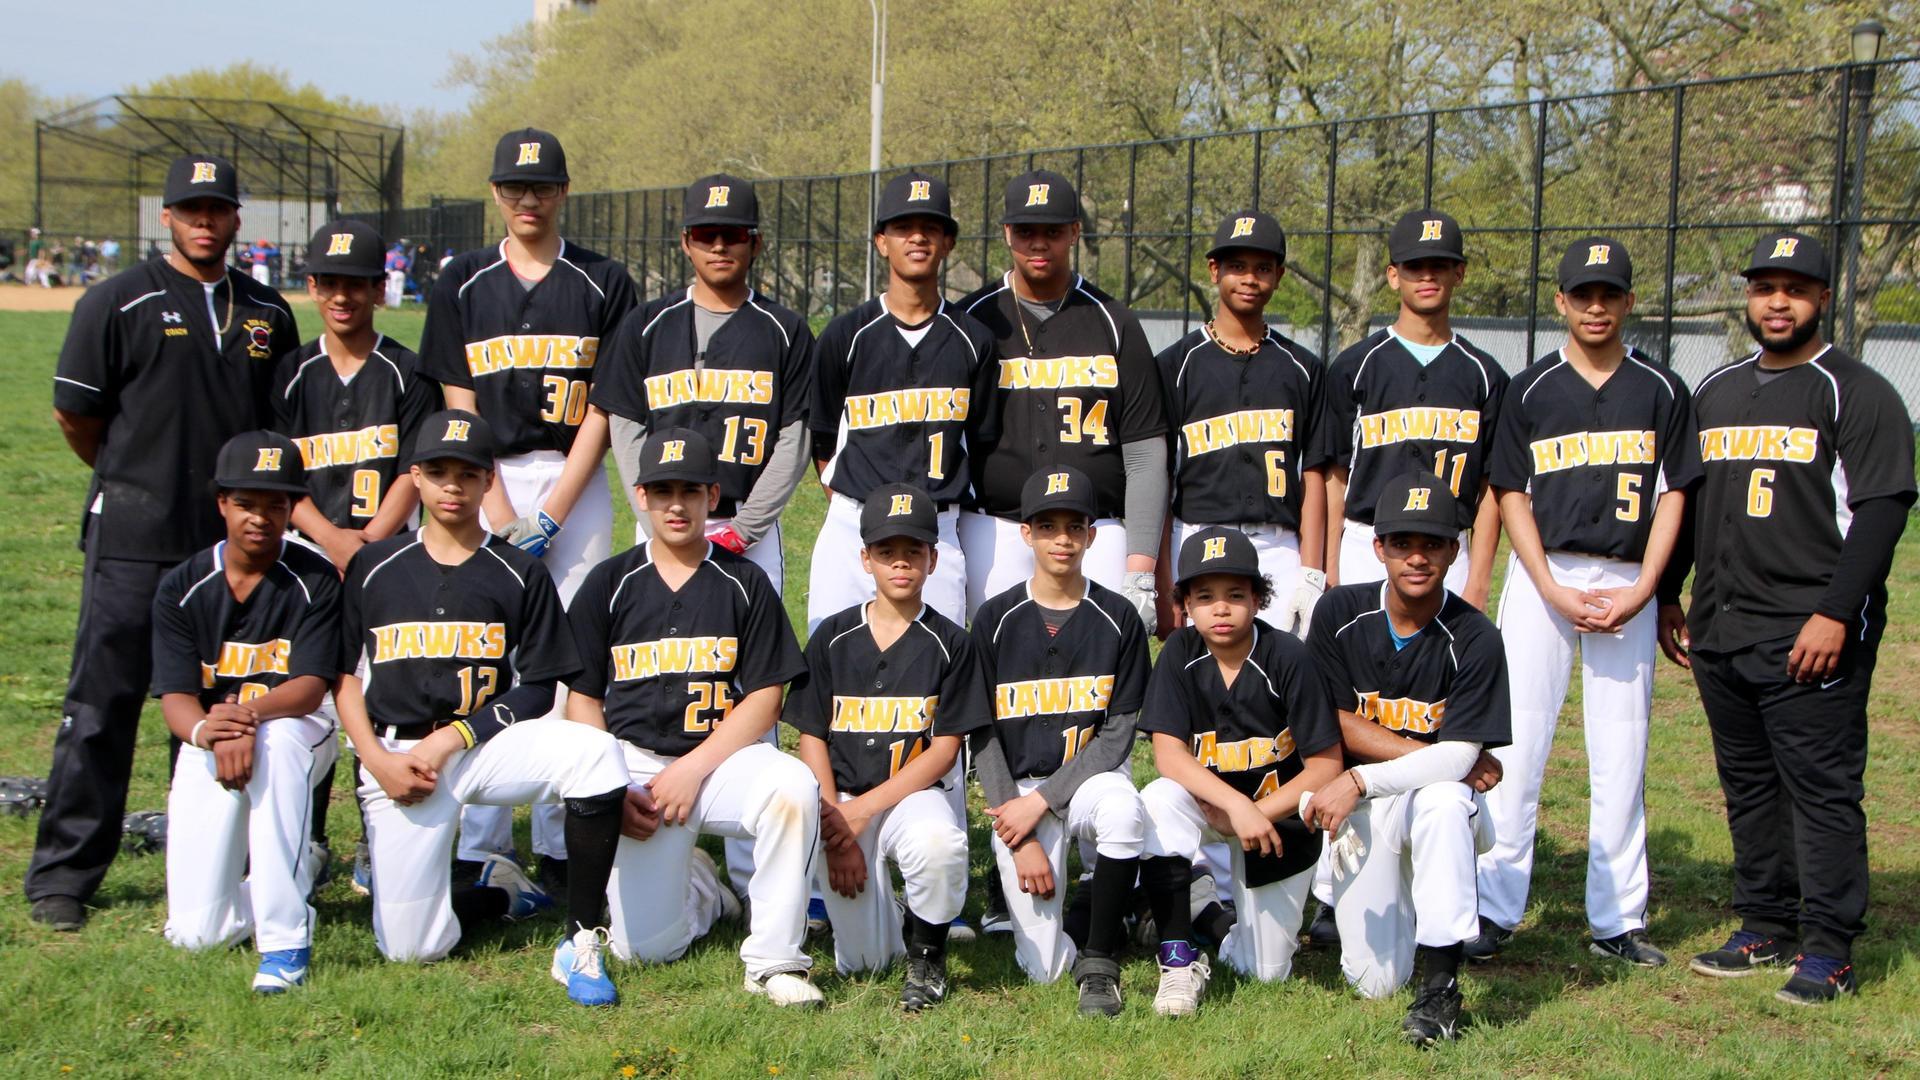 Baseball full team photo